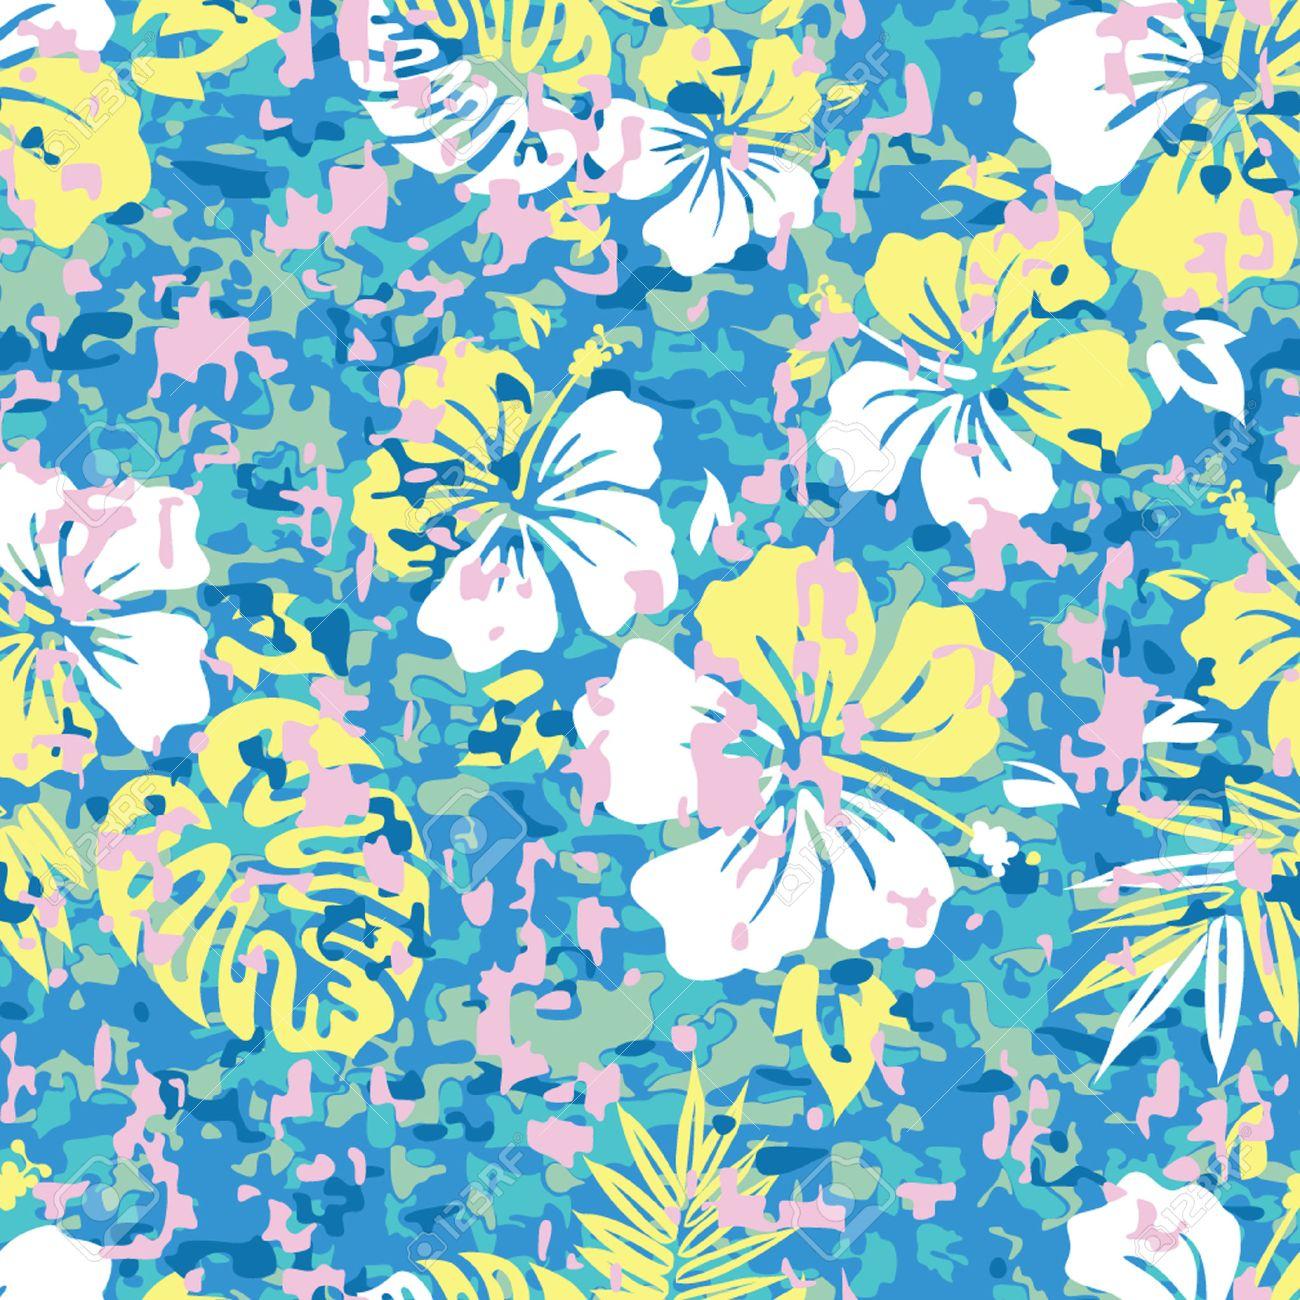 Aloha Hawaiian Shirt Camouflage Seamless Background Pattern 1300x1300